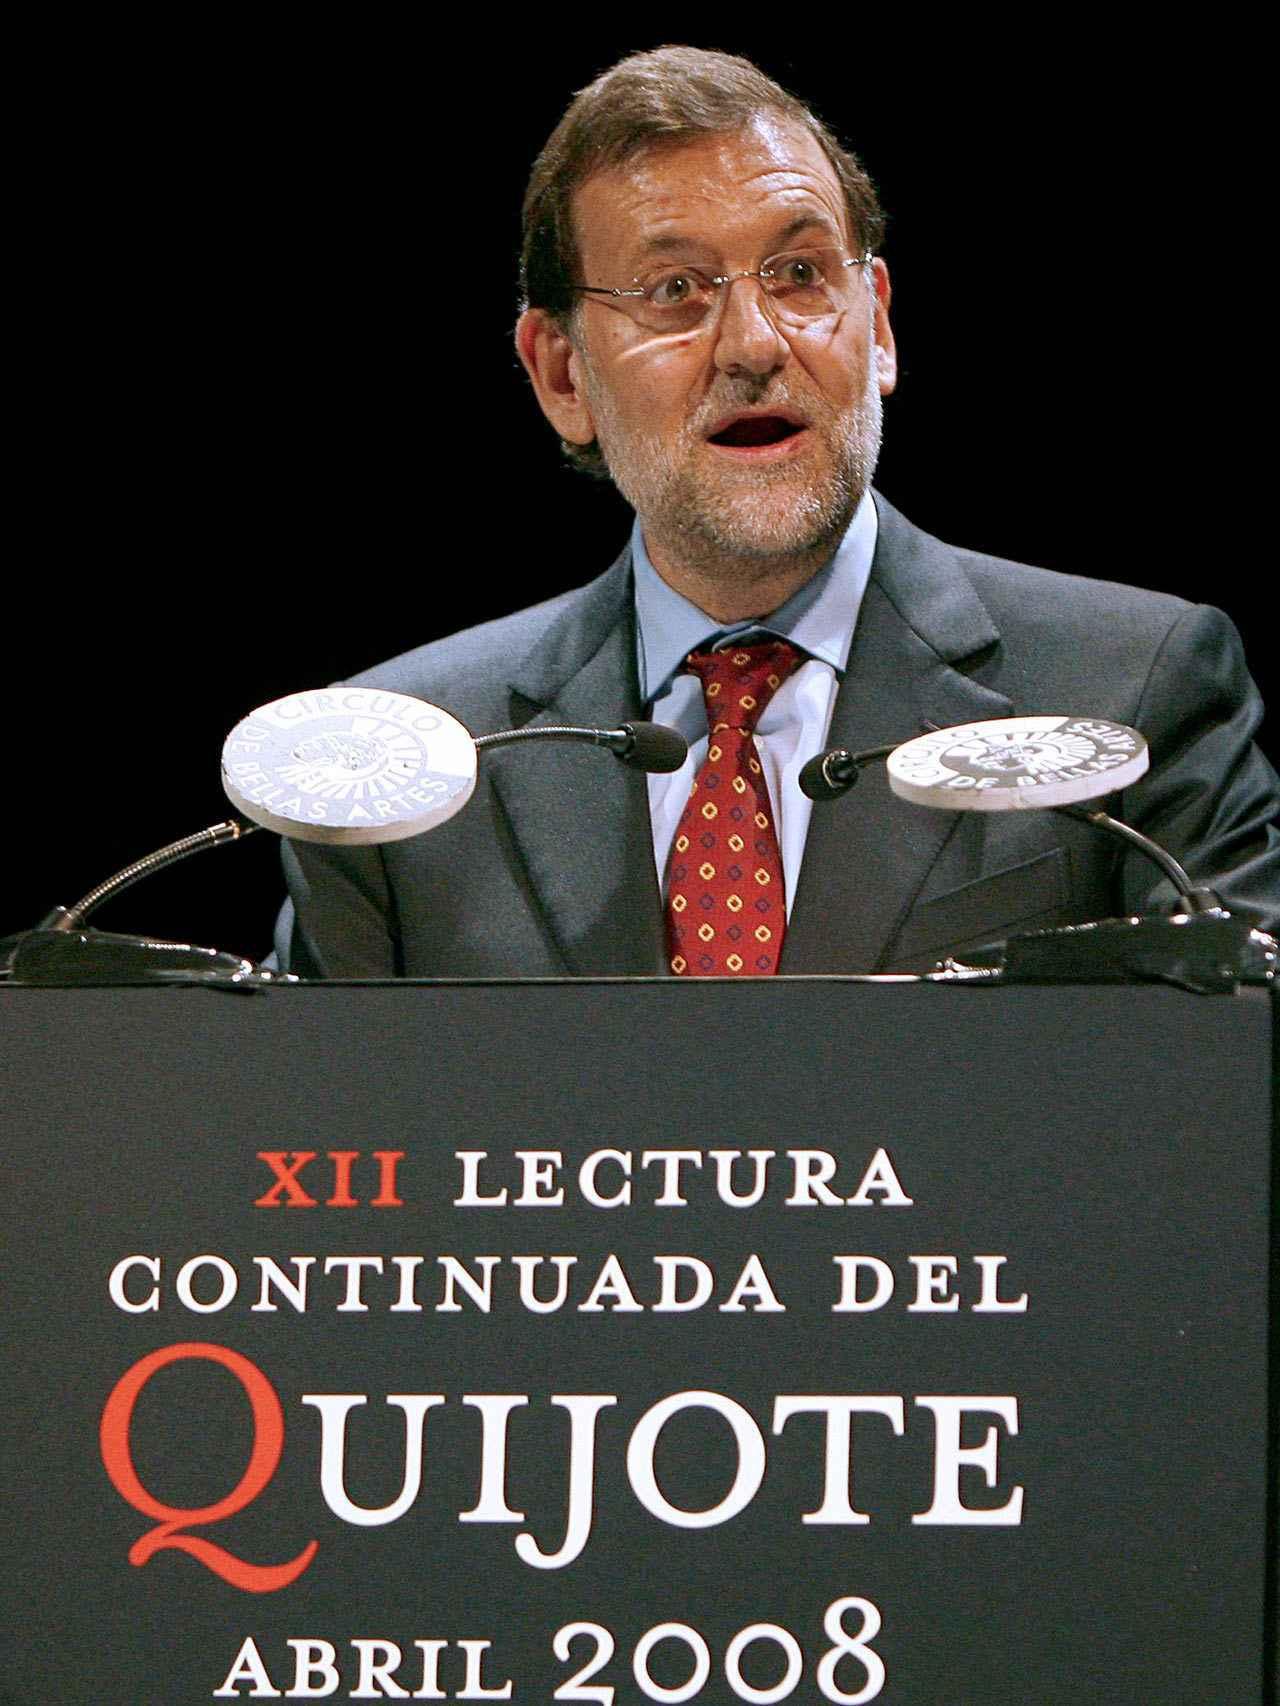 Mariano Rajoy en la lectura de El Quijote.